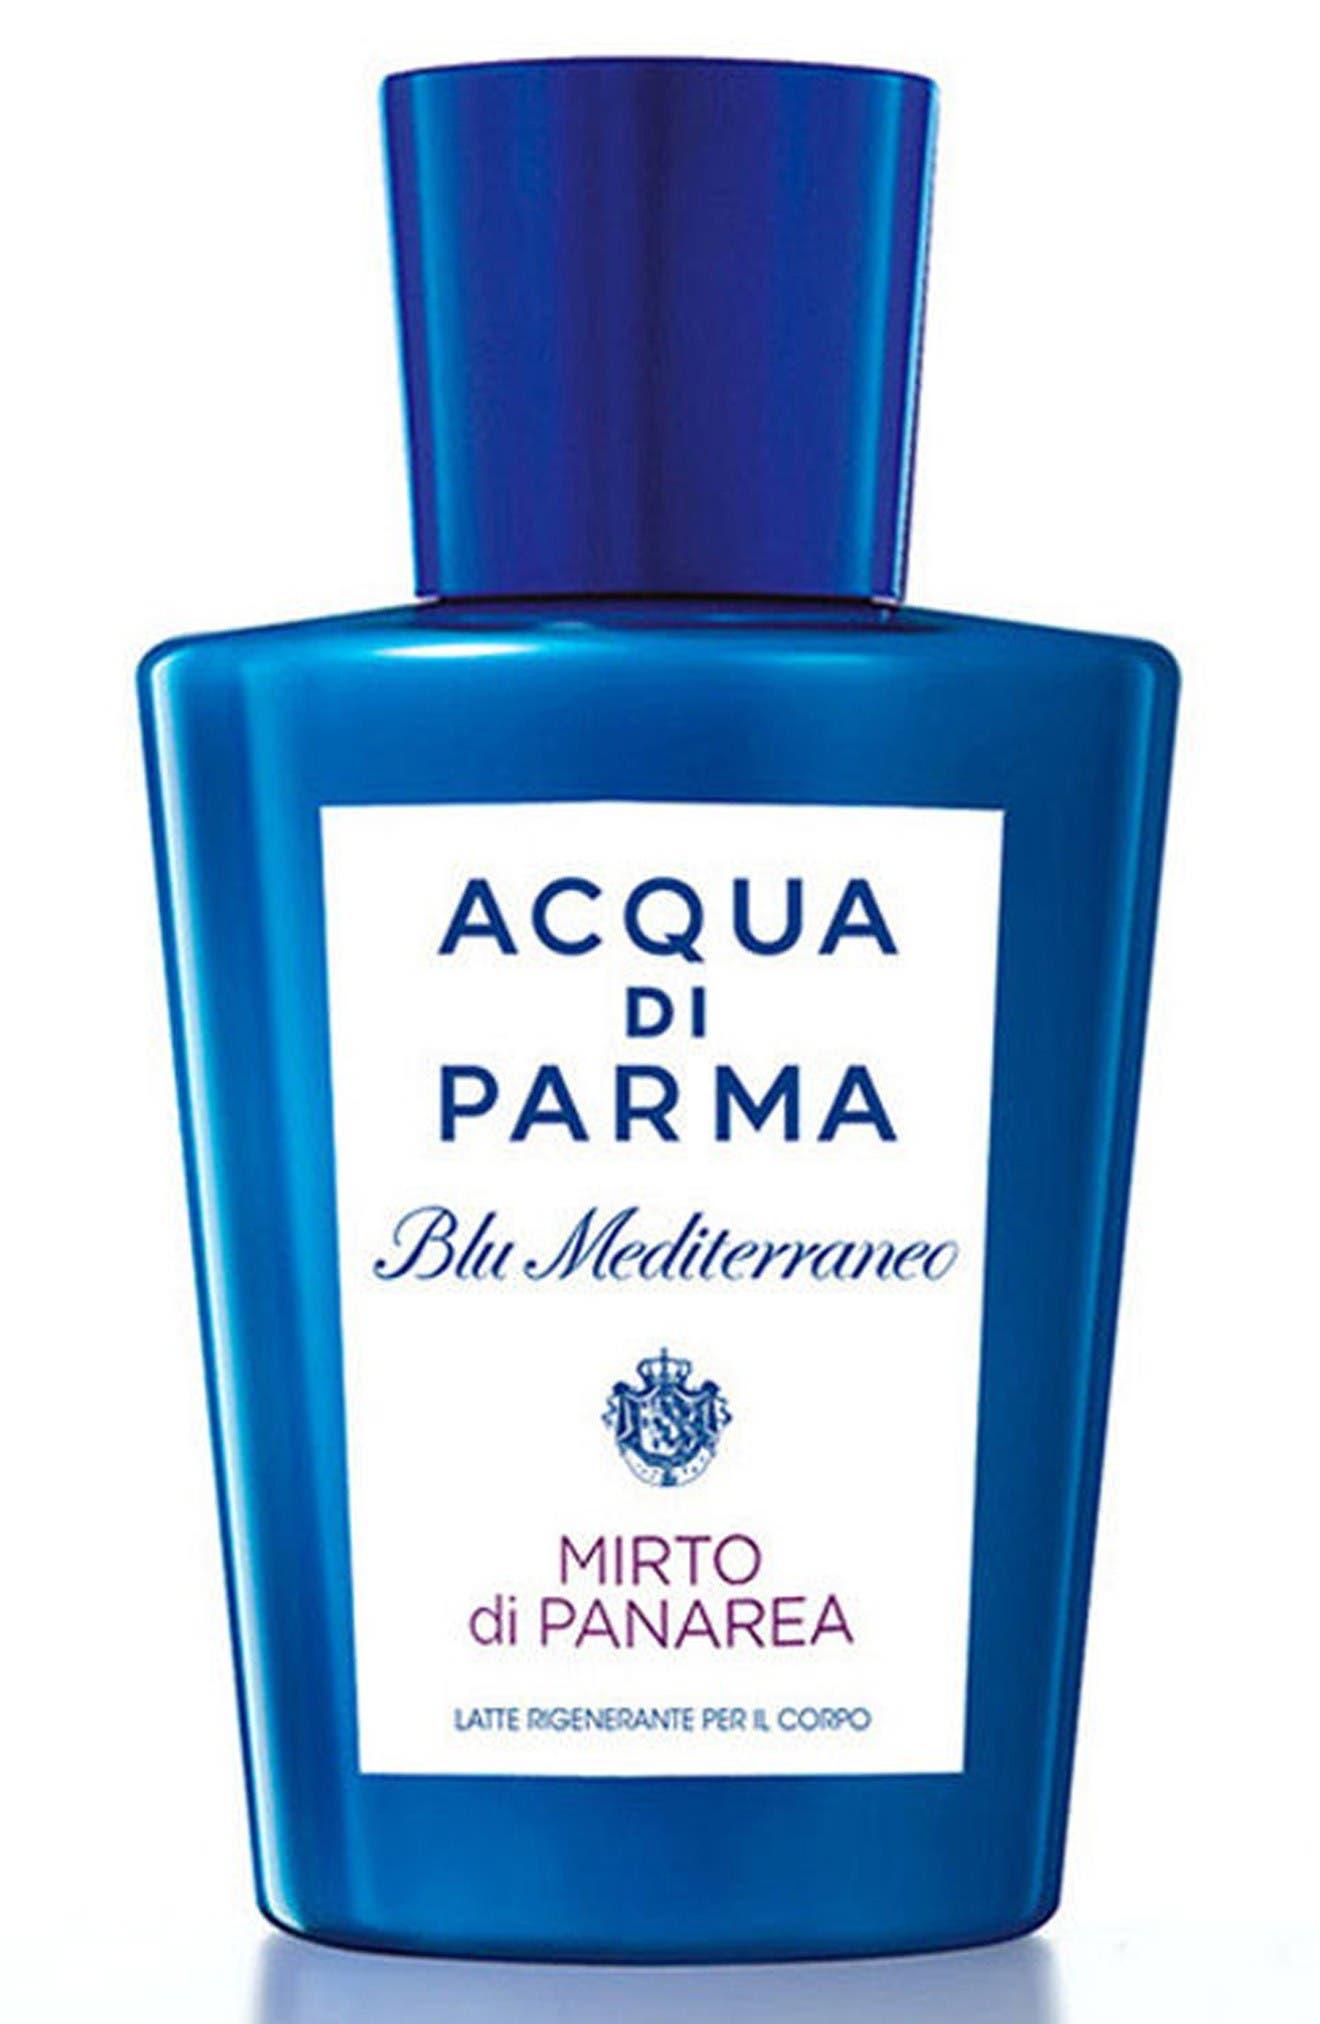 Main Image - Acqua di Parma 'Blu Mediterraneo' Mirto di Panarea Body Lotion